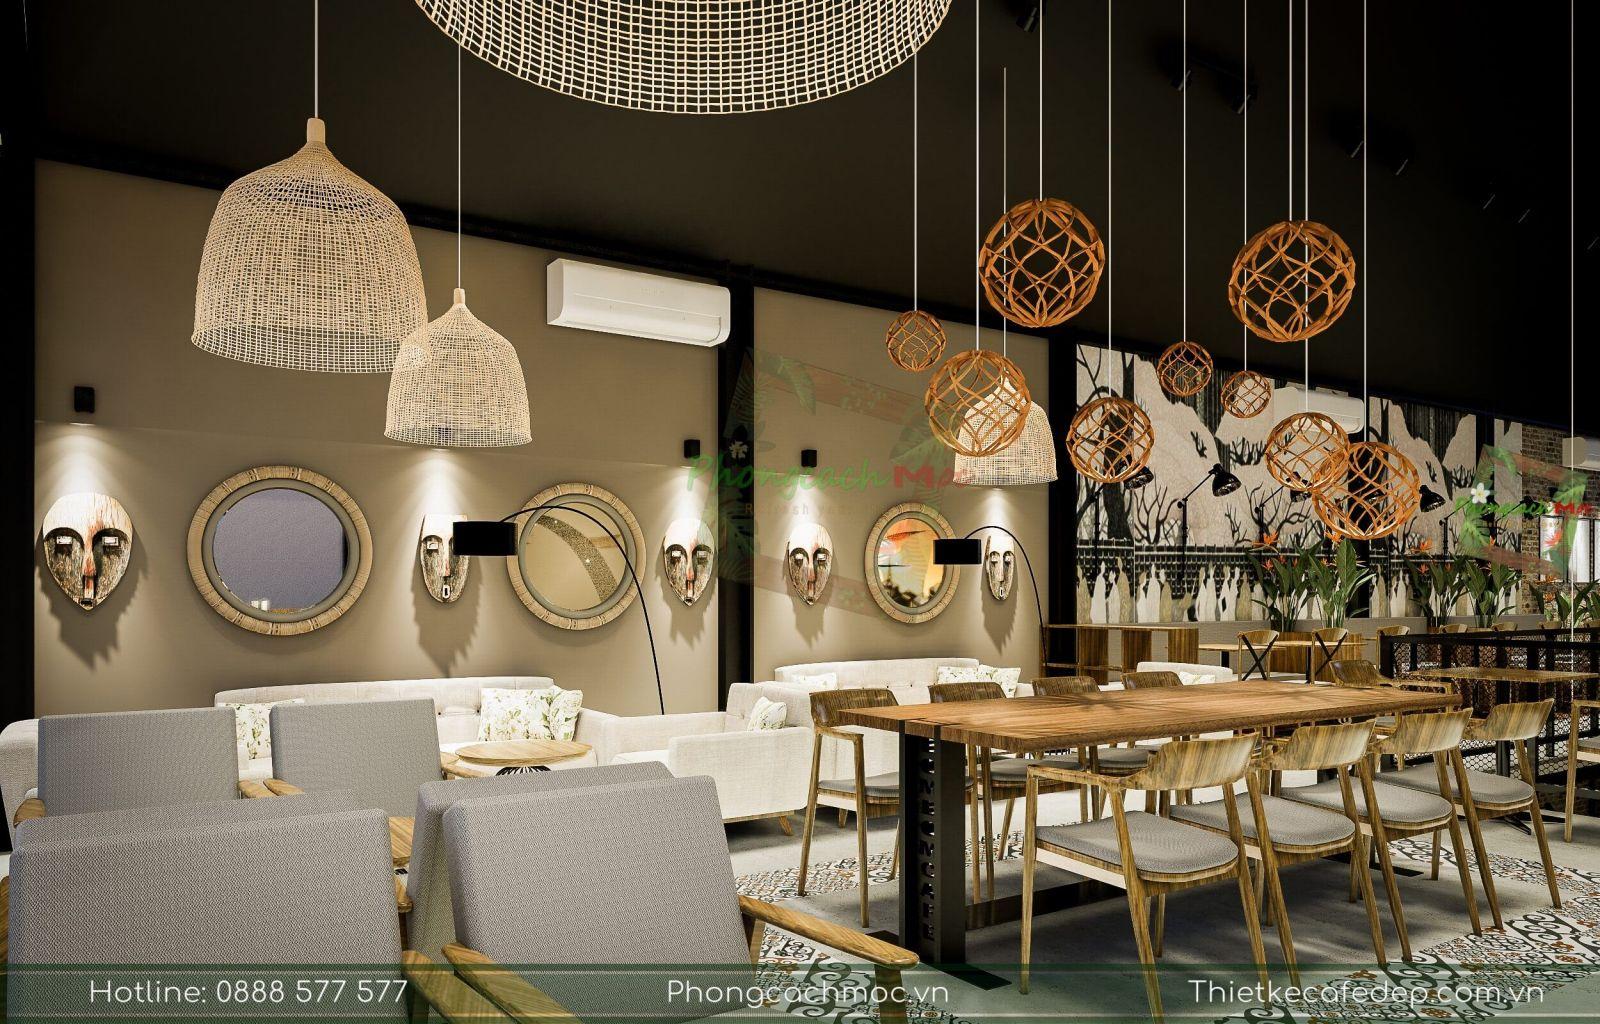 sử dụng đèn chùm độc đáo cho nội thất quán cà phê bờm bờm